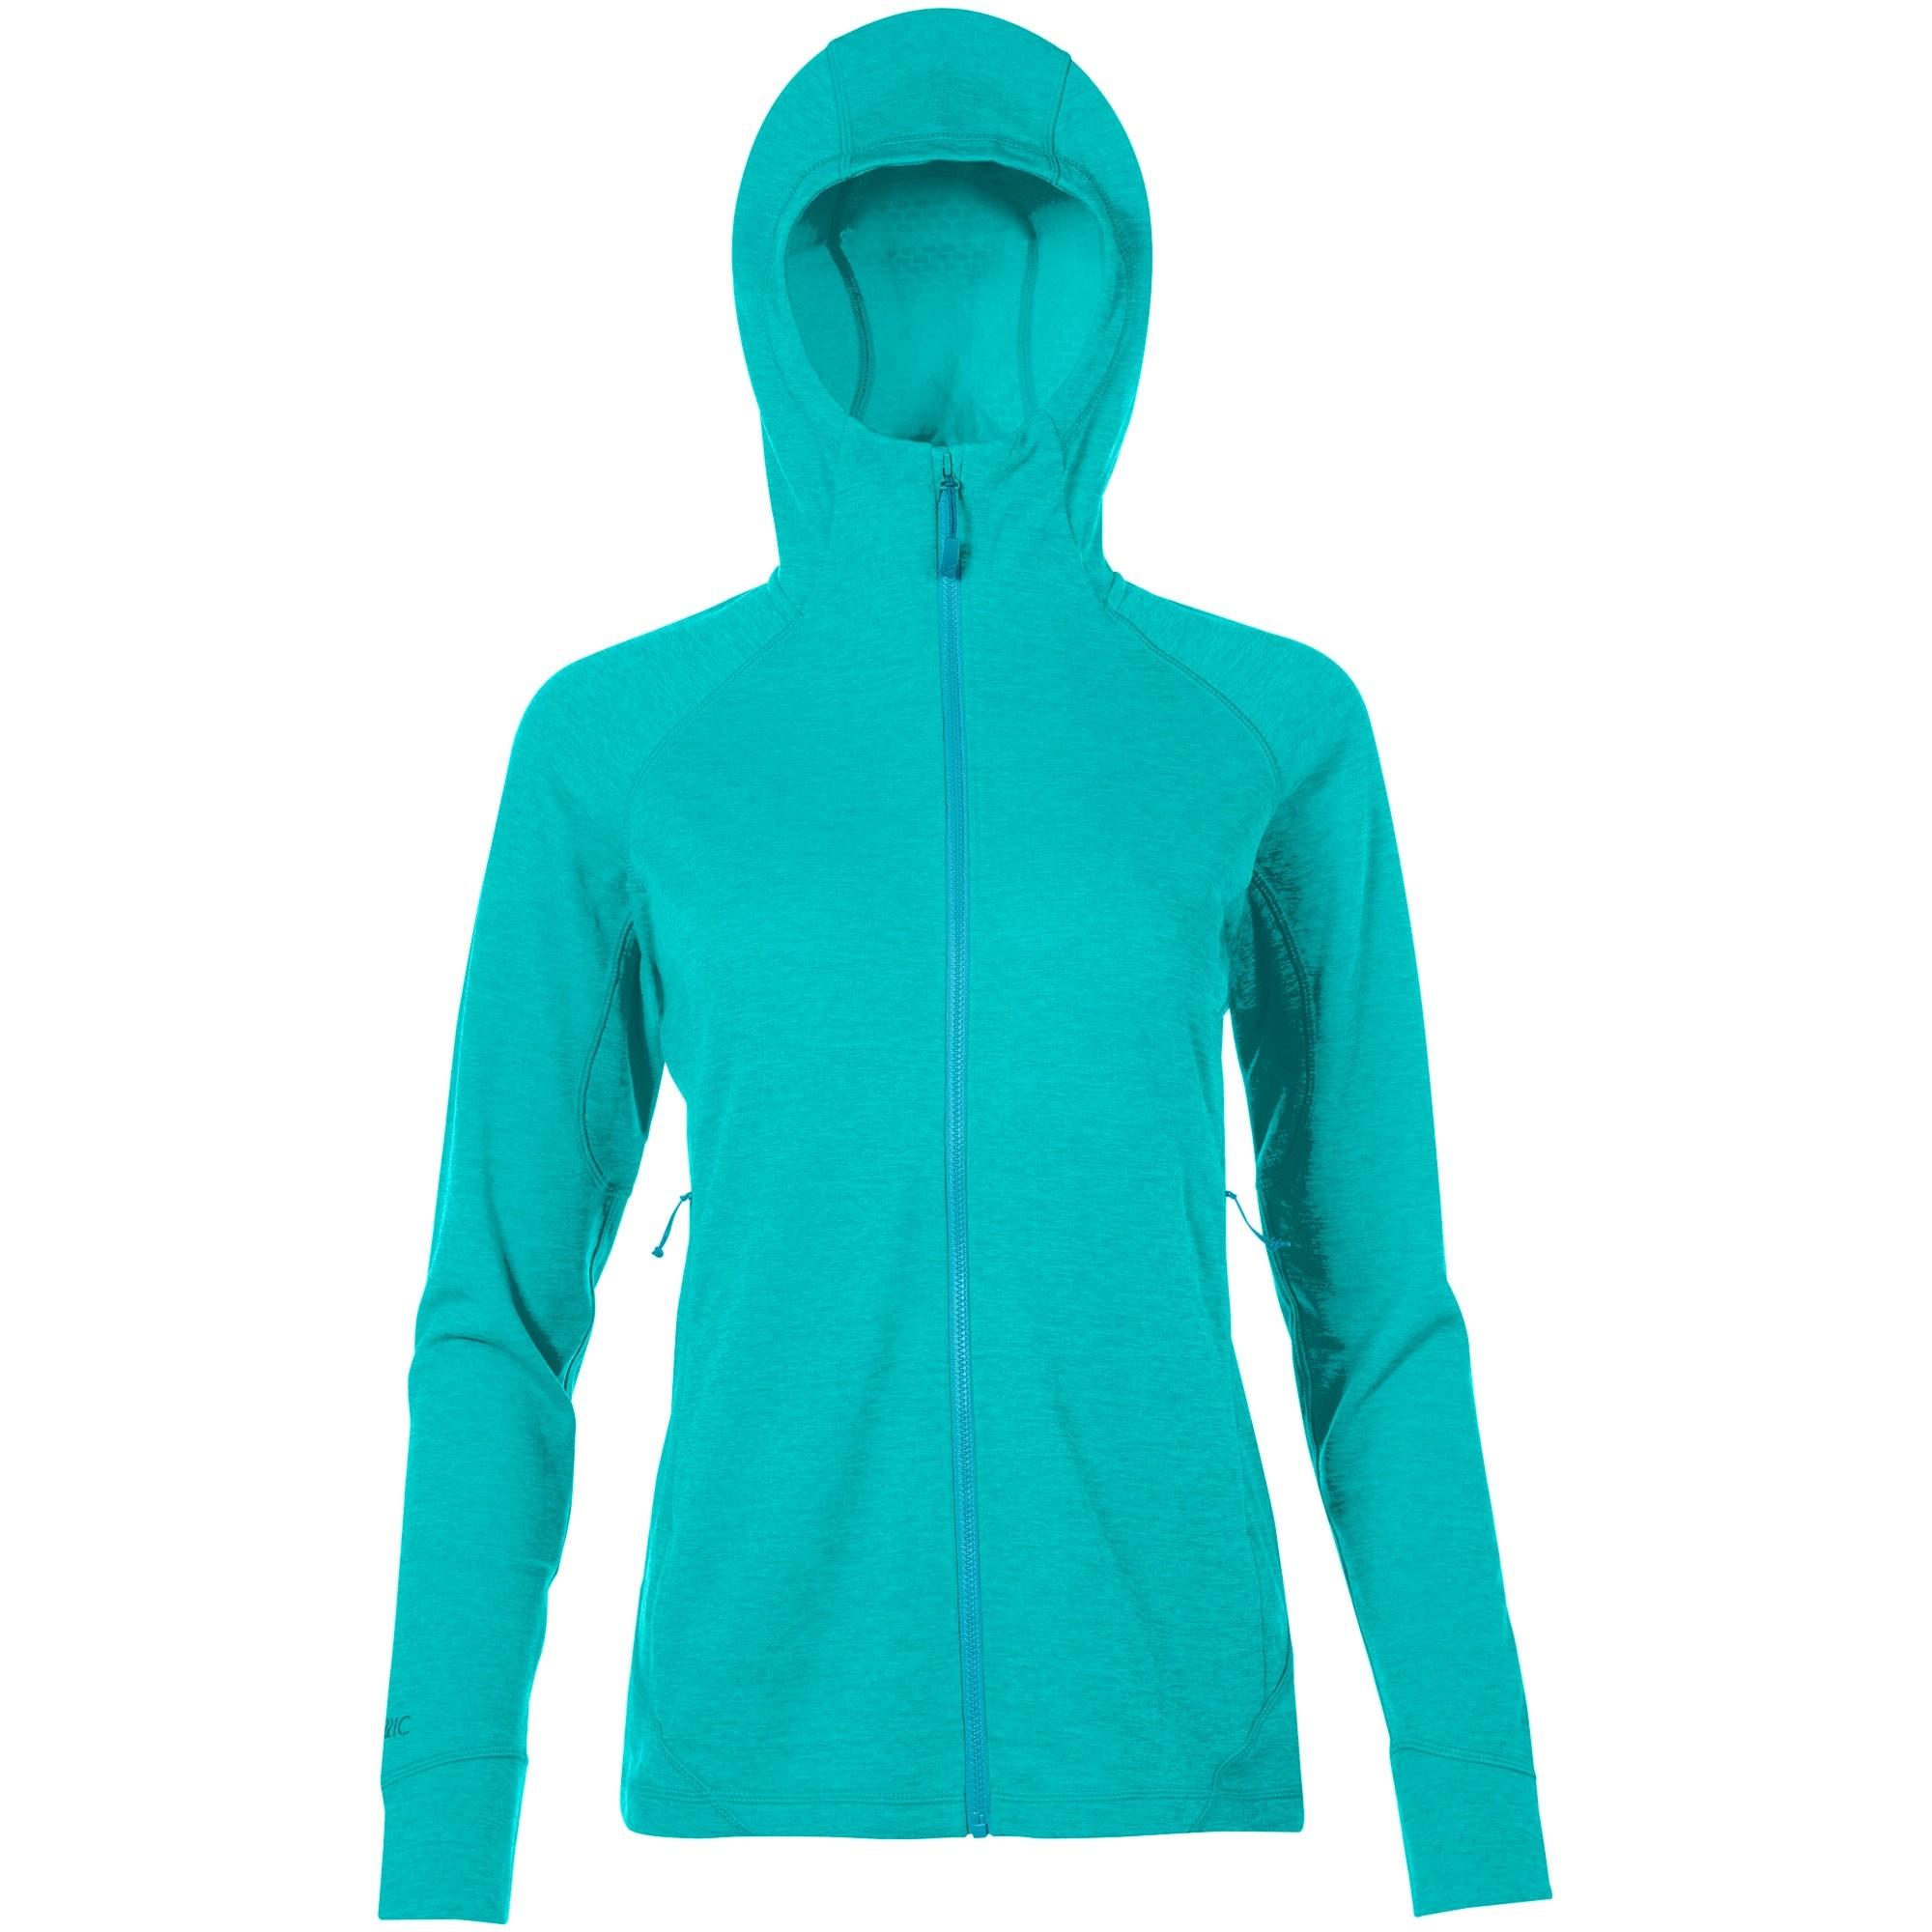 Rab Nexus Hooded Fleece Women's Jacket - Seaglass